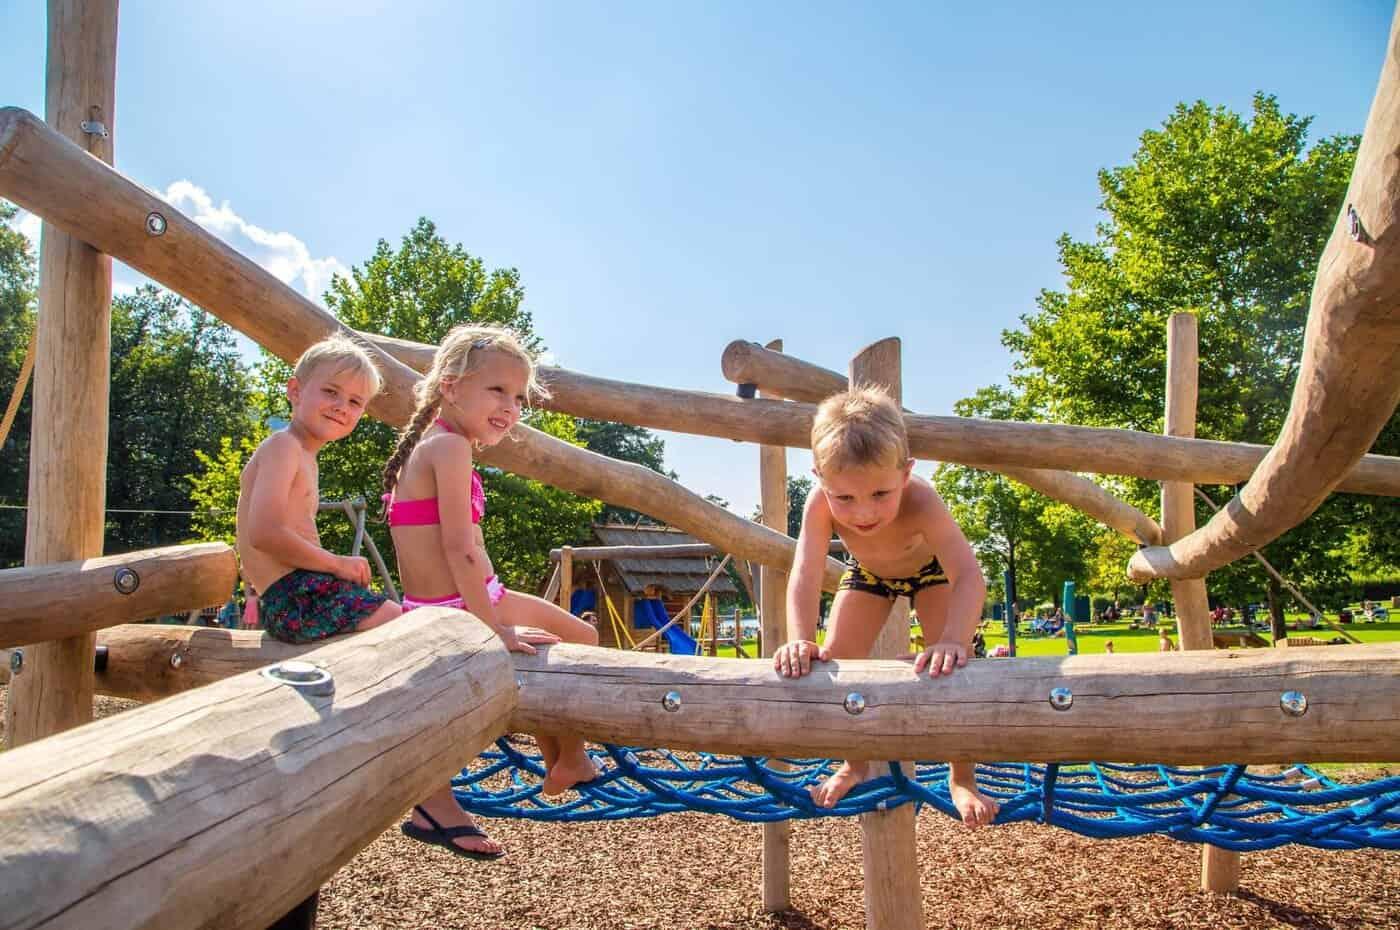 Kinder am Abenteuerspielplatz im Strandbad Rauschelesee Nähe Wörthersee in Kärnten